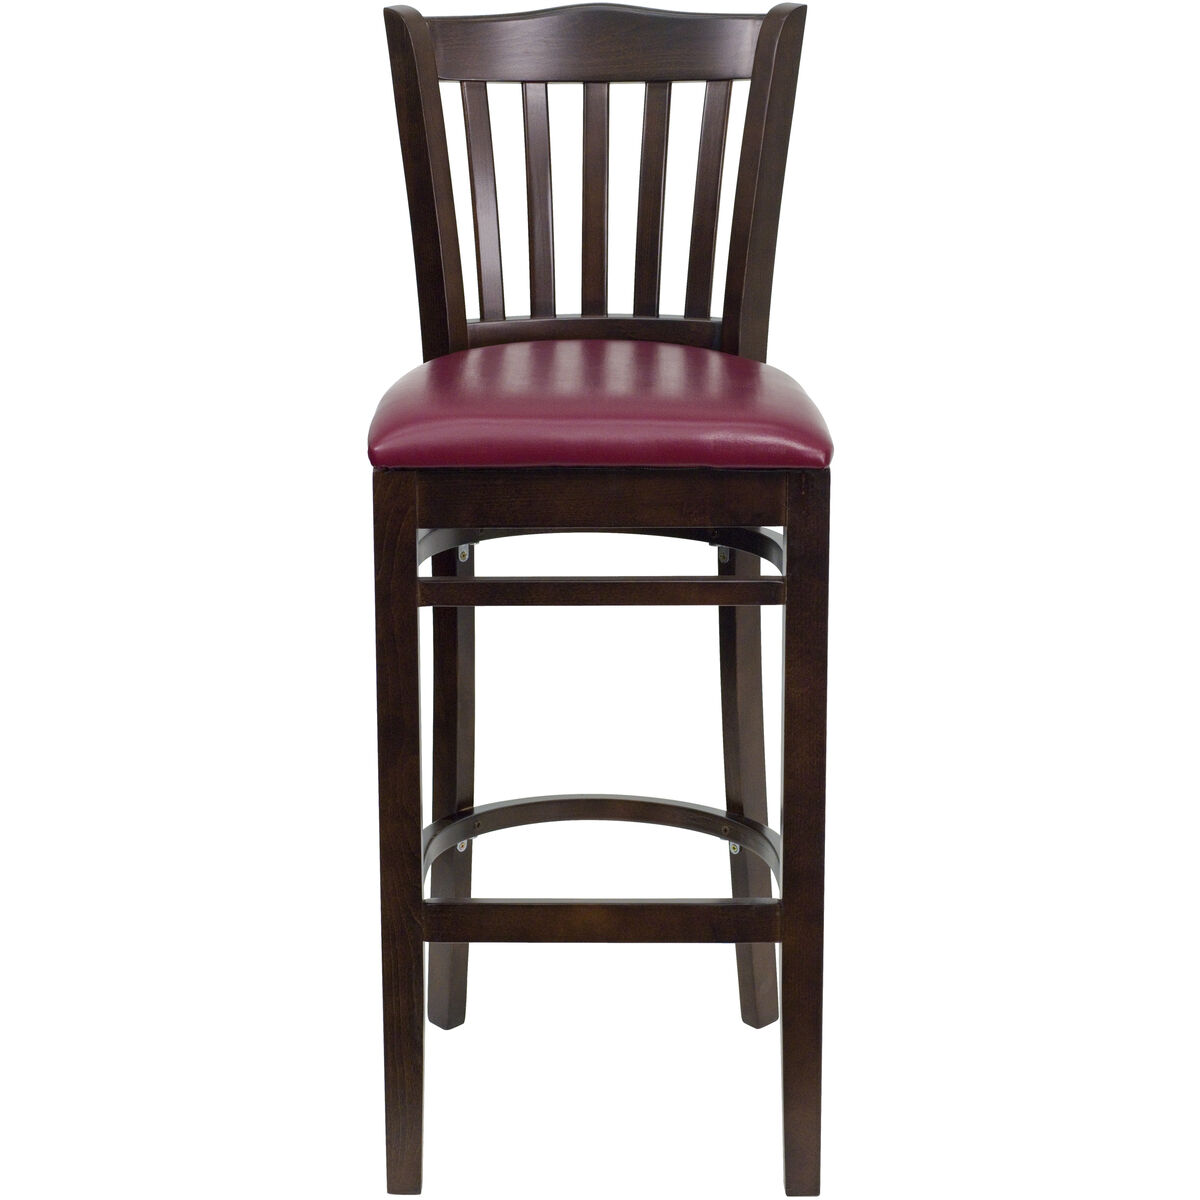 Walnut wood stool burg vinyl bfdh wby bar tdr